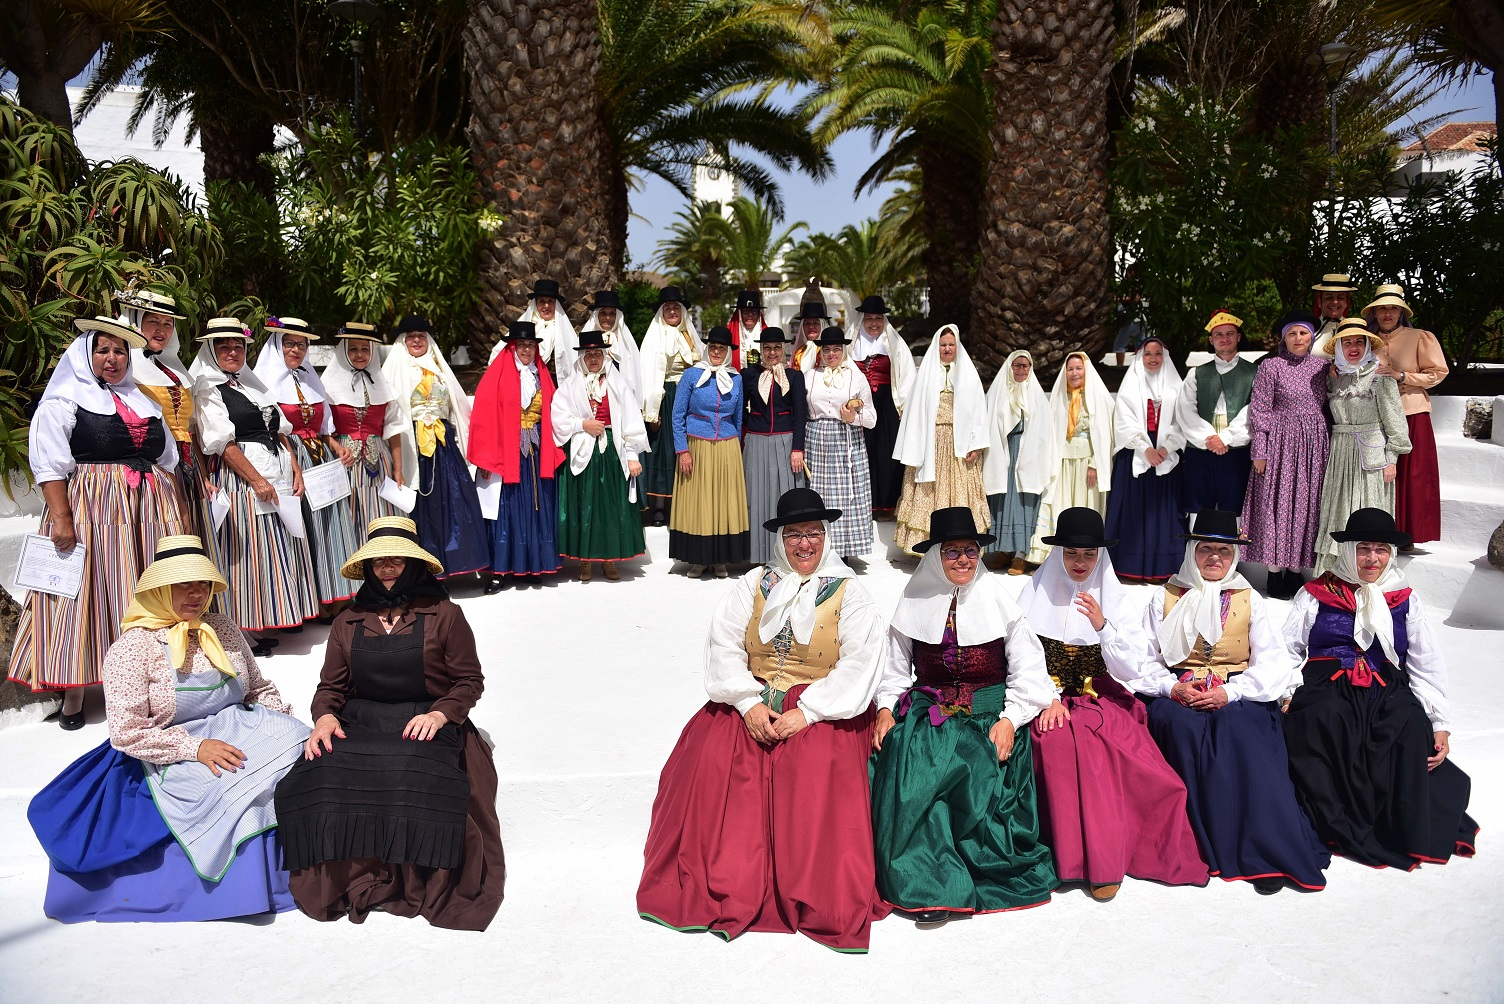 El Mercado Agrícola y Artesanal de San Bartolomé revivió el Día de Canarias